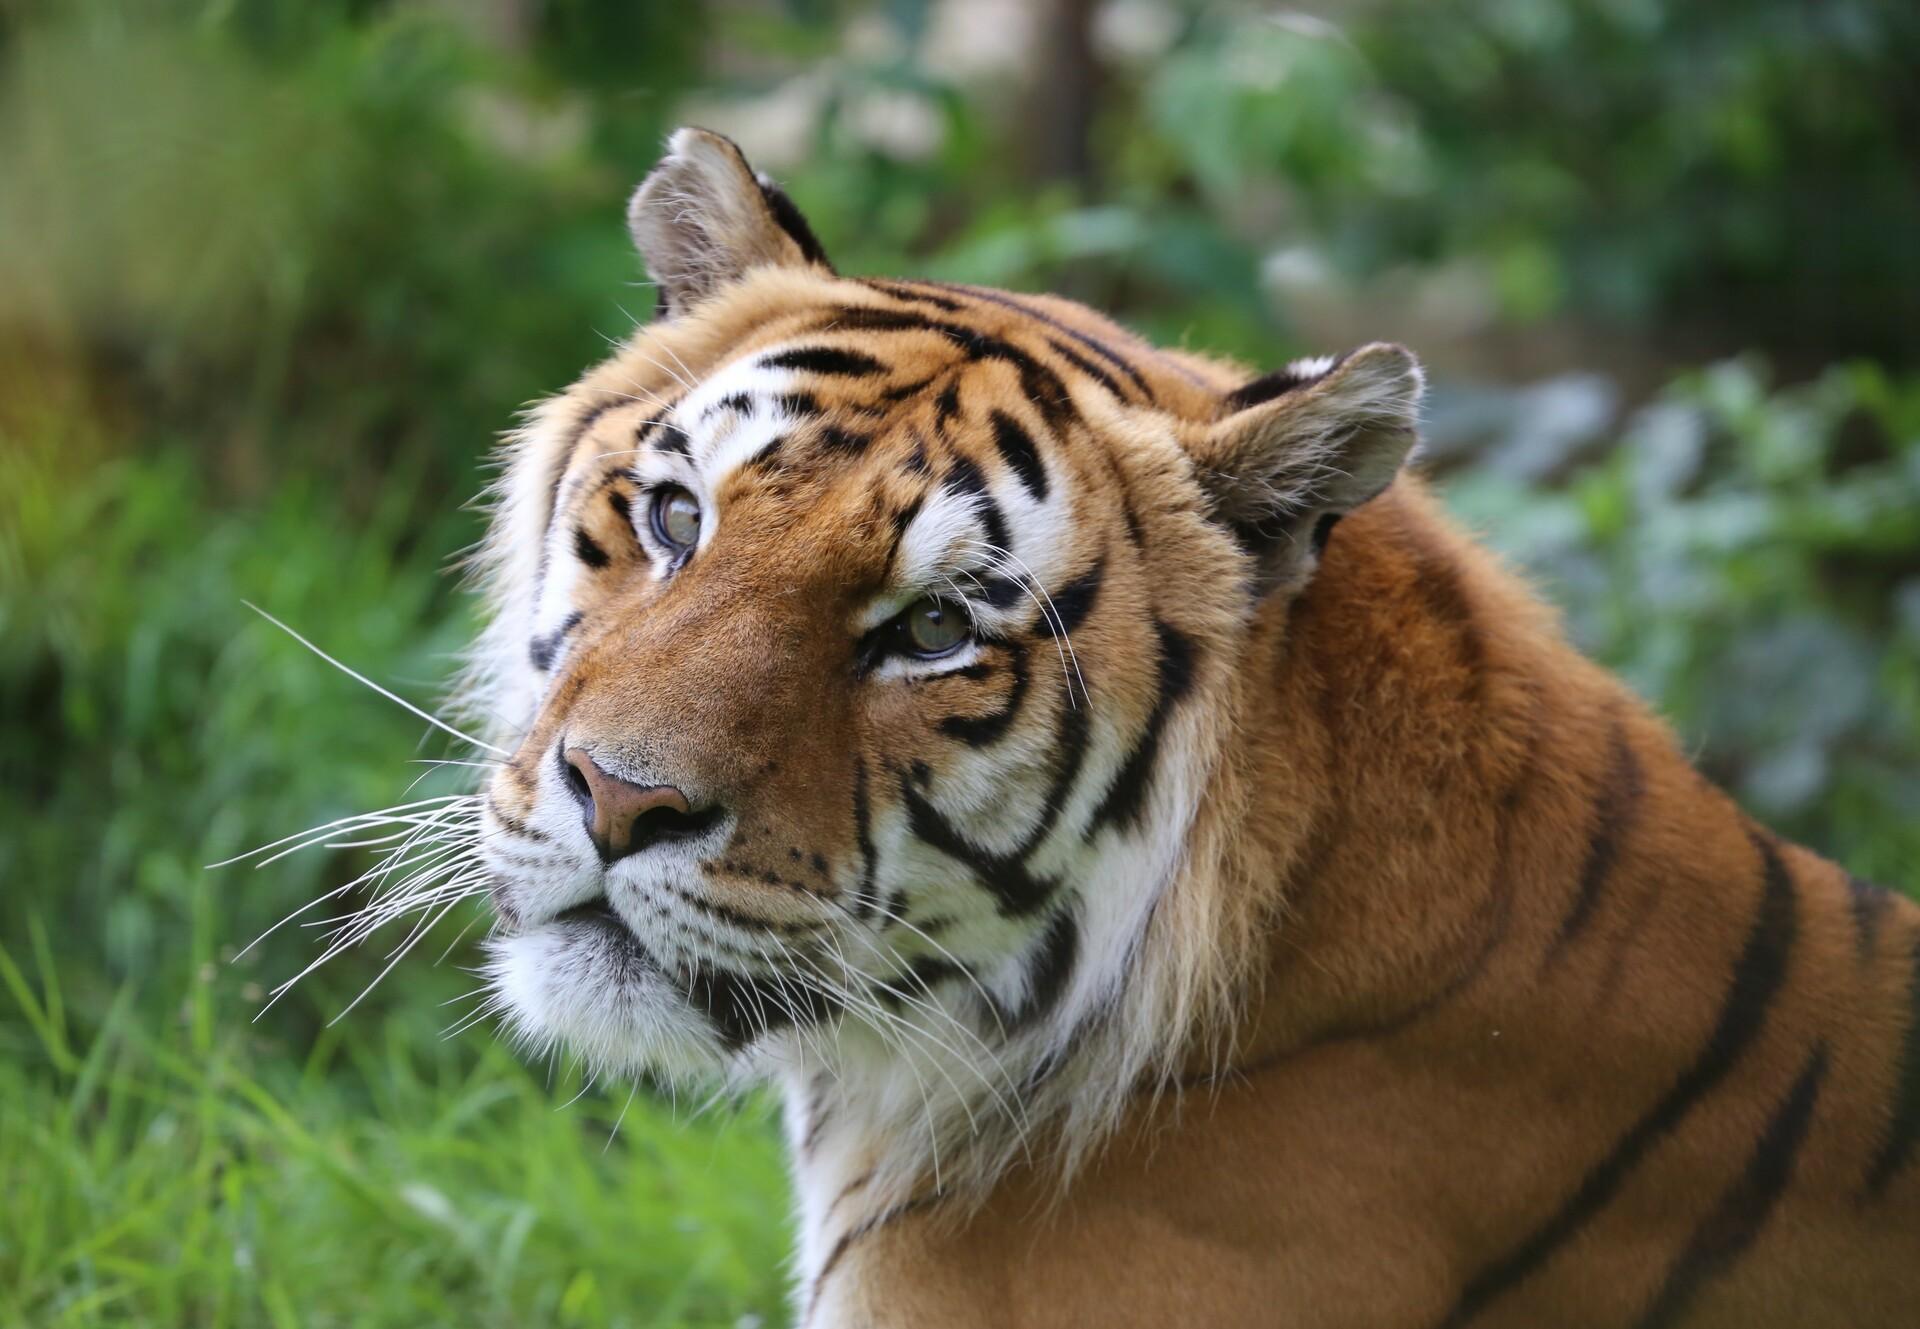 Tiger Caruso